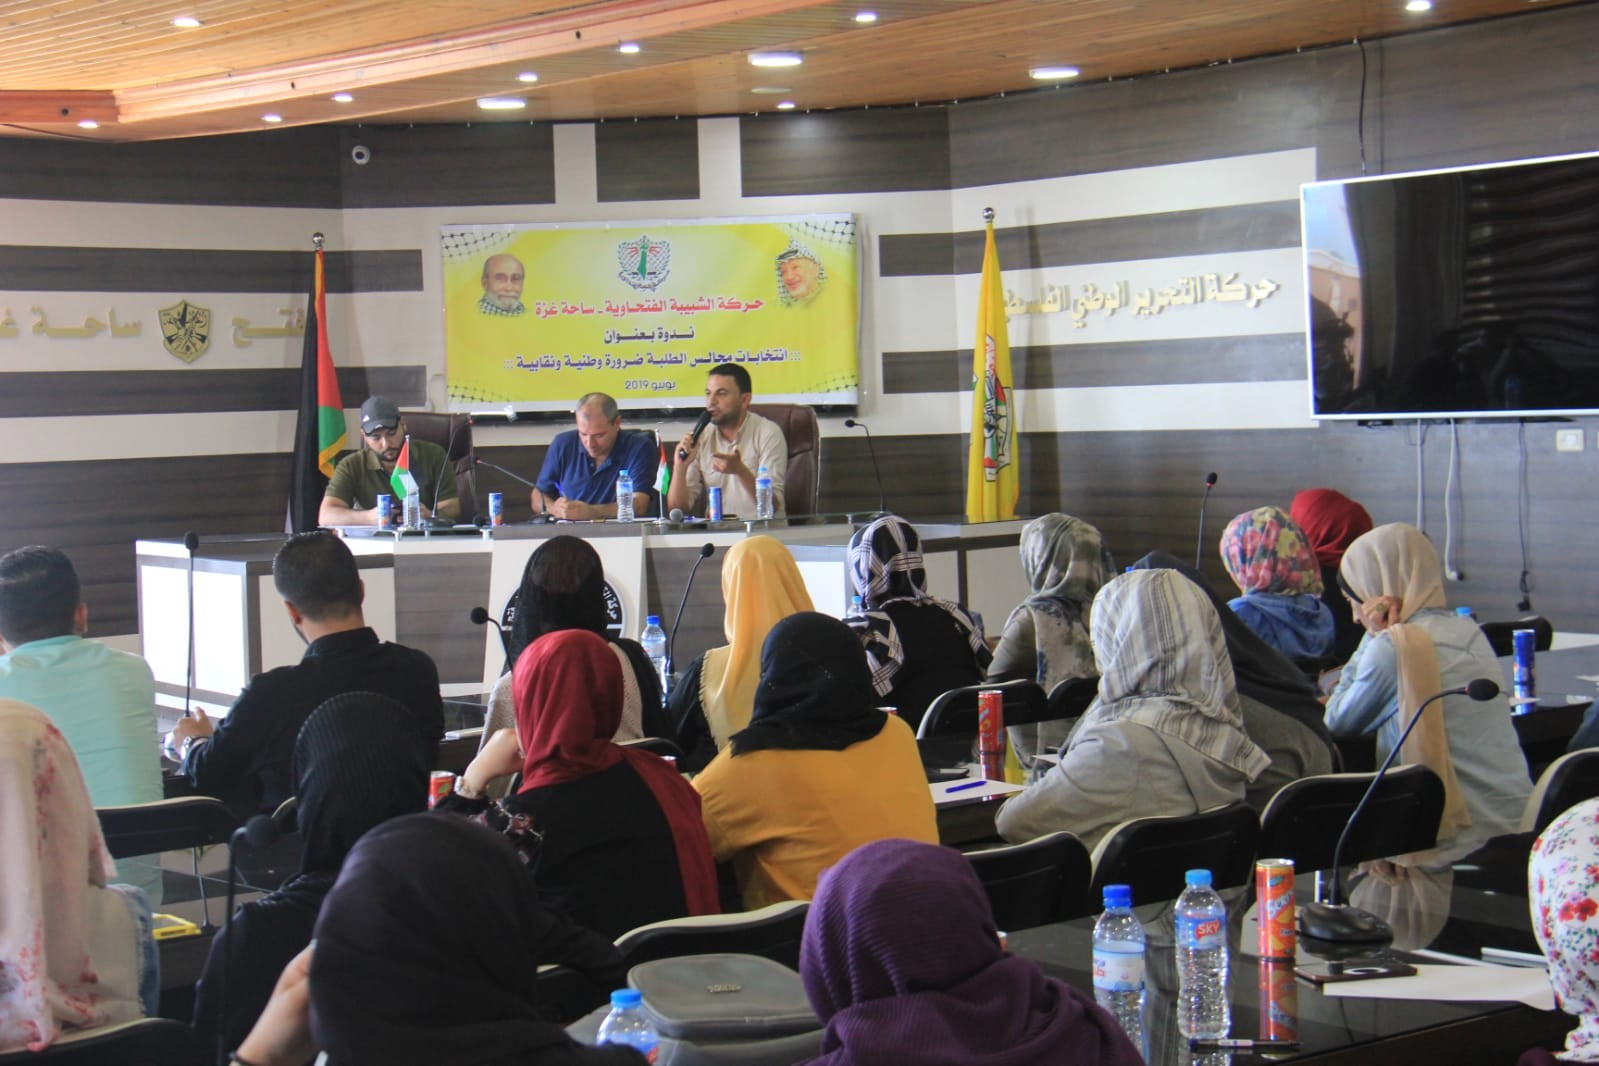 بالصور: الشبيبة الفتحاوية تعقد ندوة لبحث سُبل إجراء انتخابات مجالس الطلبة بجامعات غزّة